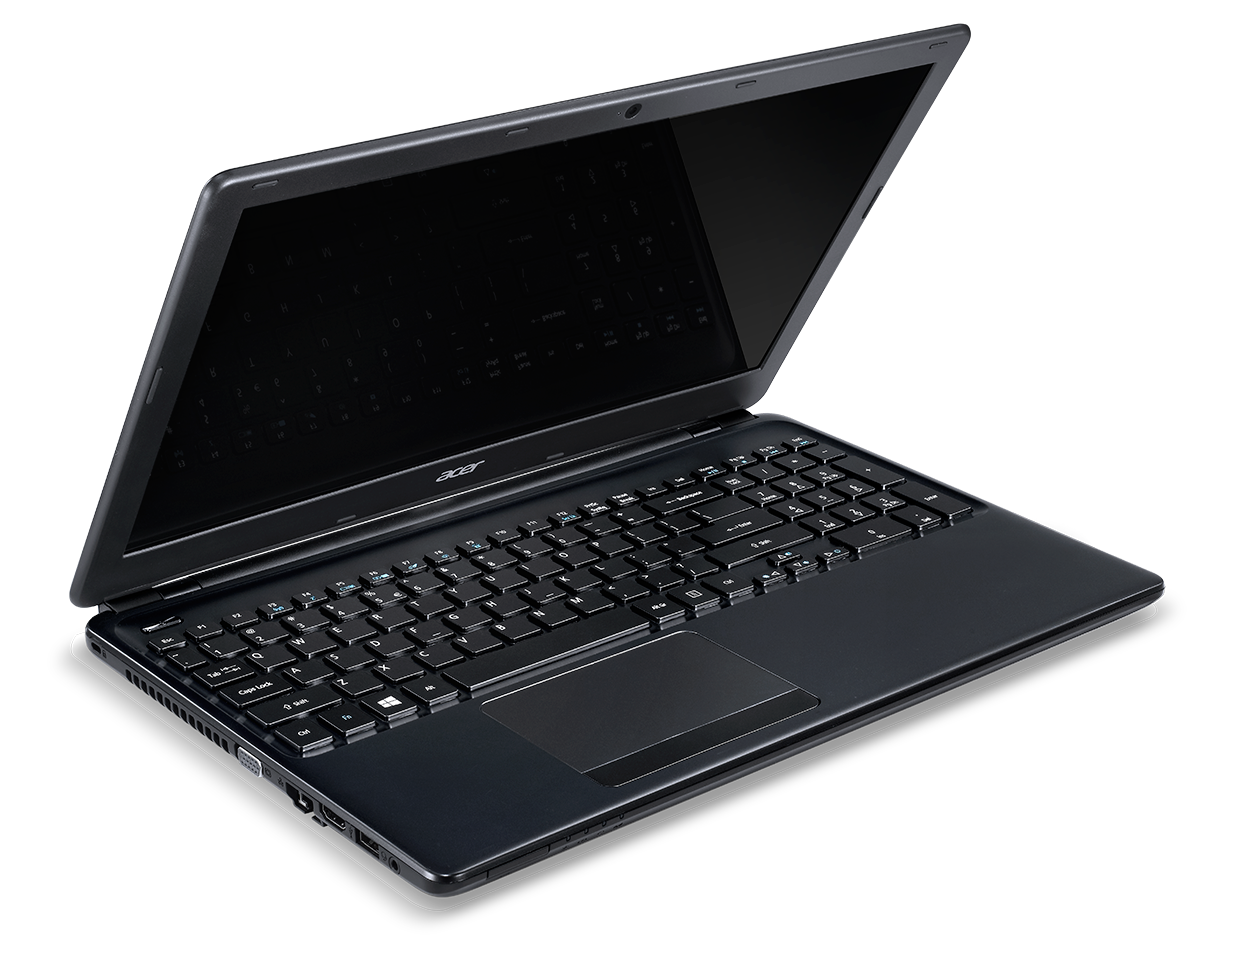 Acer Aspire E1 572 6870